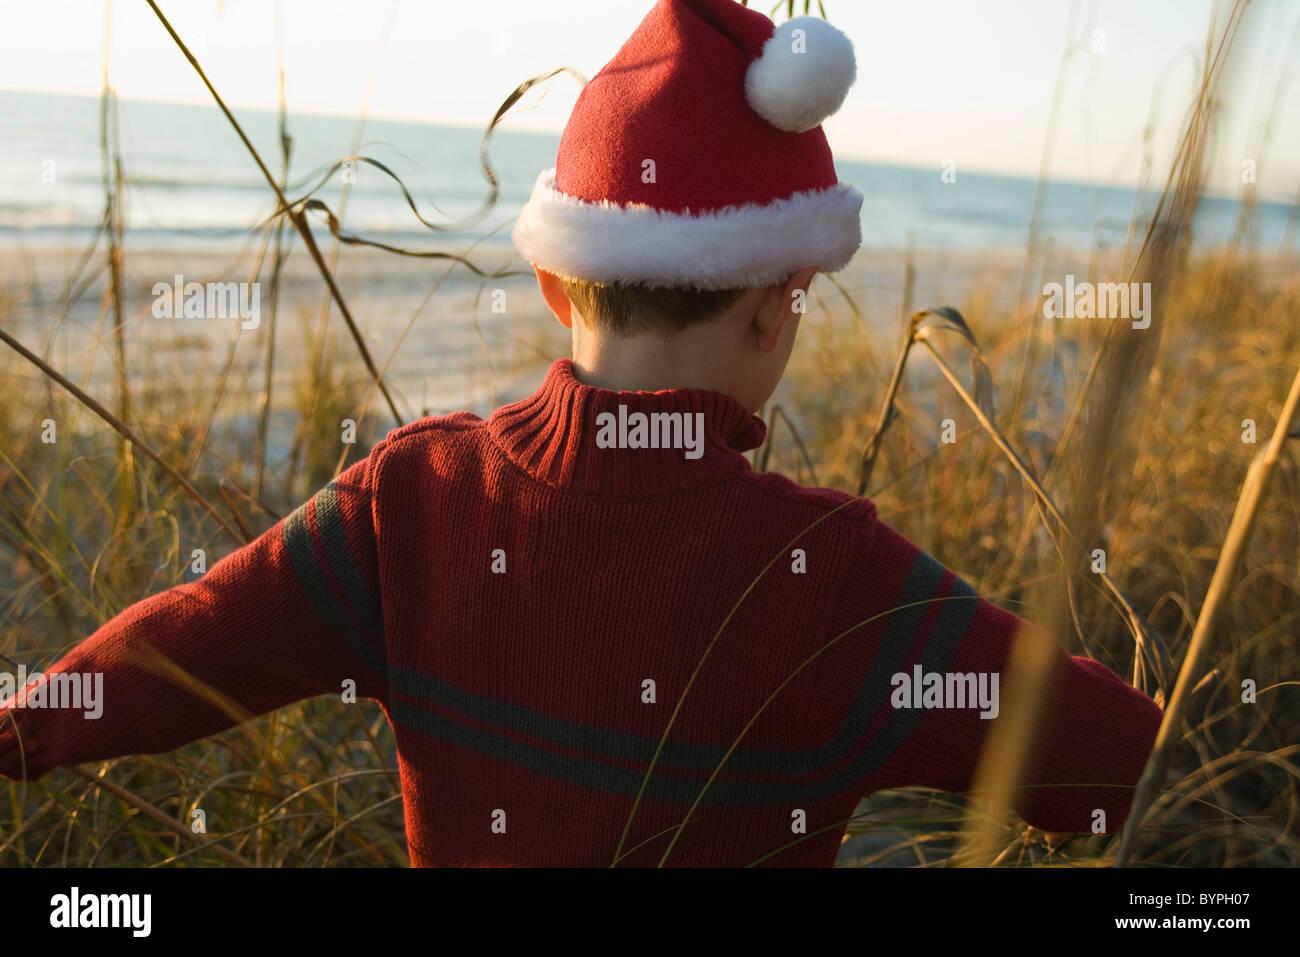 Boy wearing Santa hat exploring outdoors - Stock Image